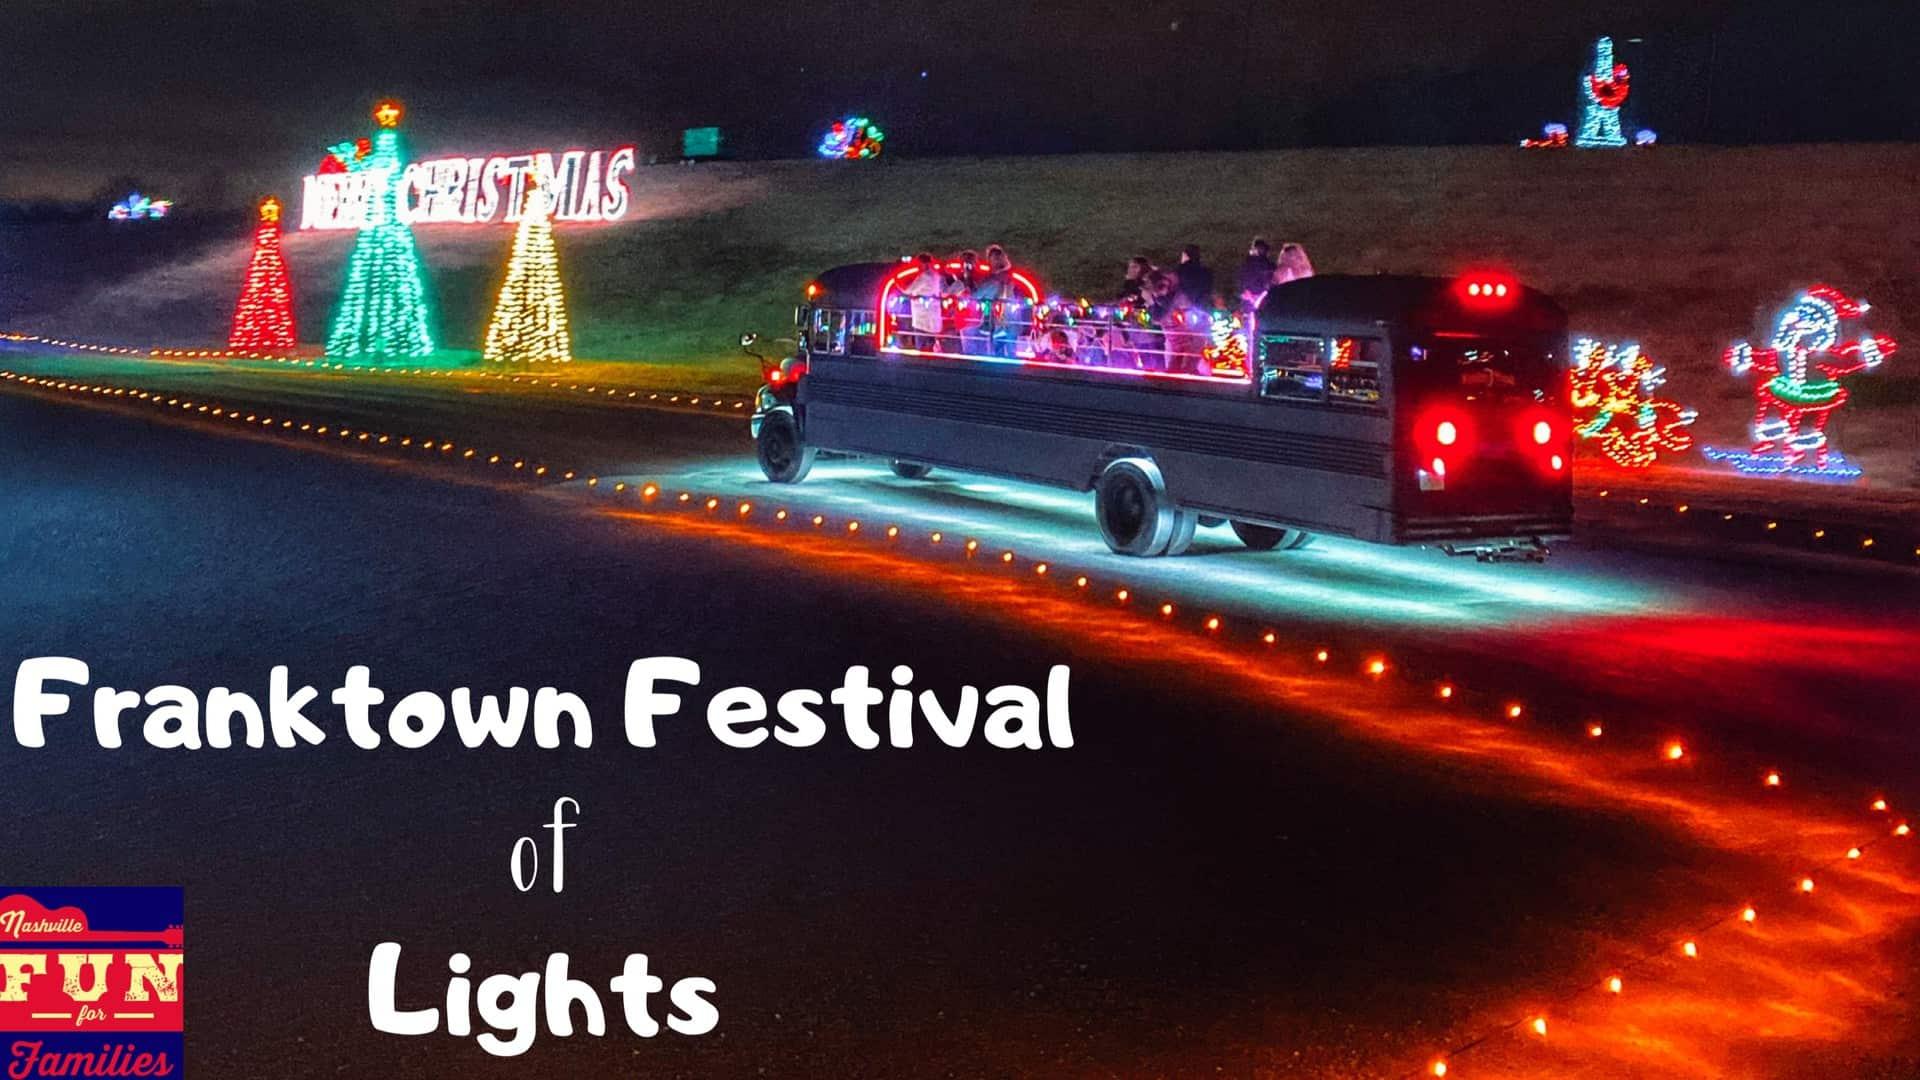 franktown festival of lights